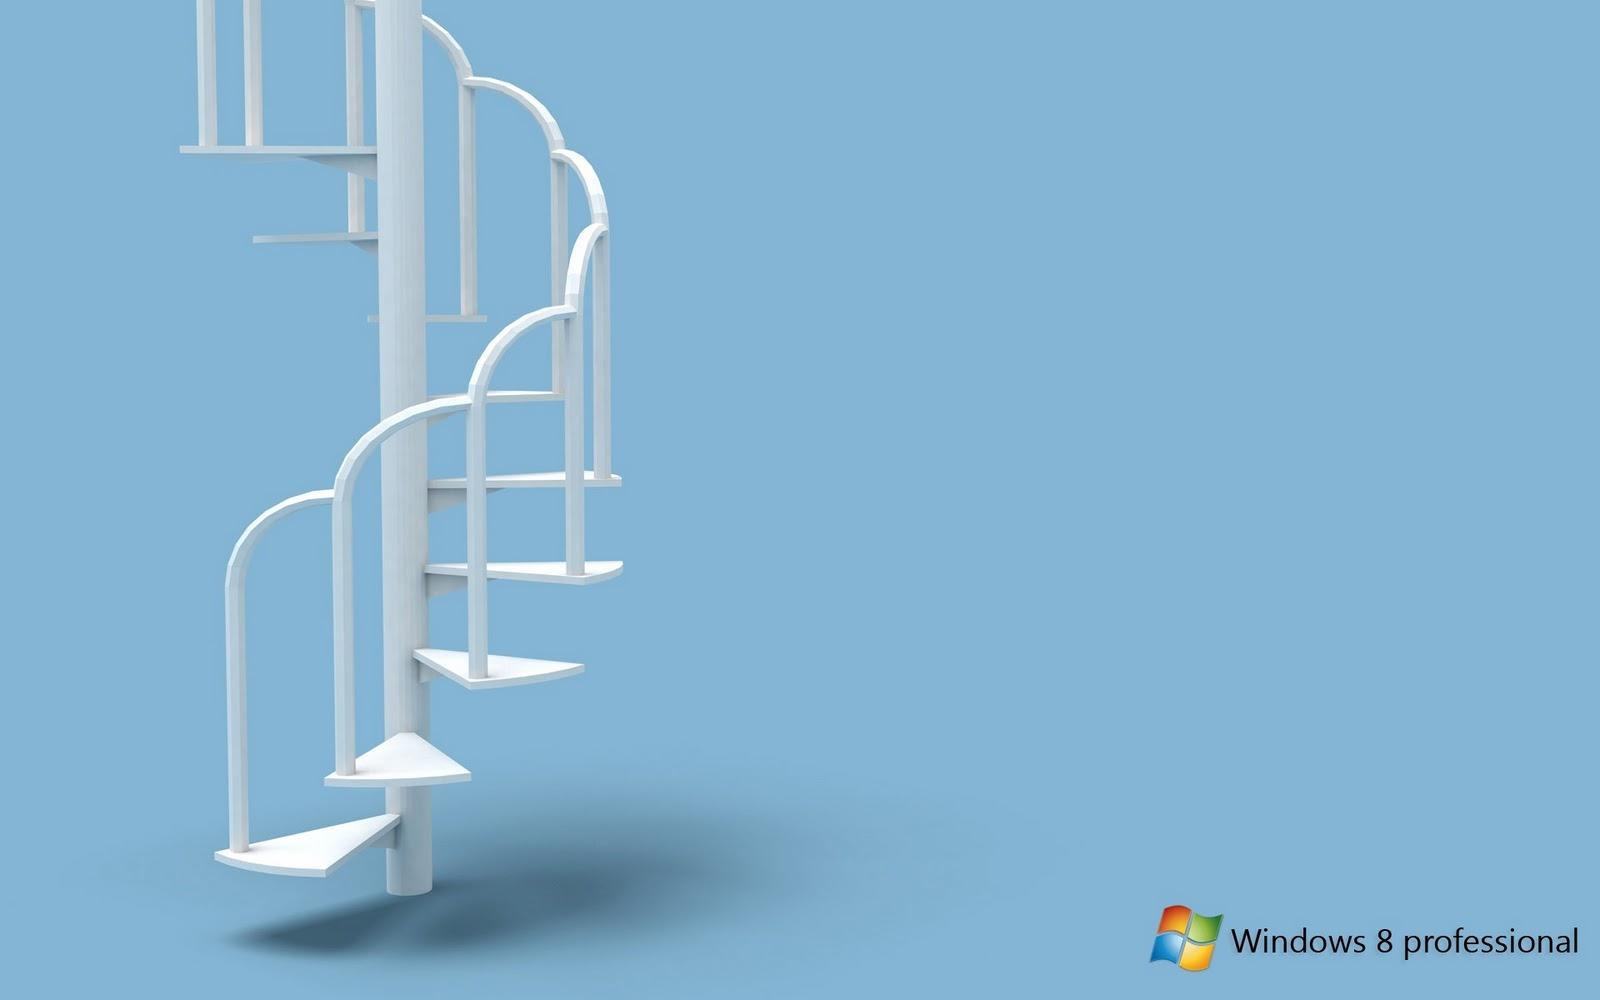 http://1.bp.blogspot.com/-PKw9SvoQJhw/Trzz44cT0QI/AAAAAAAABBA/ig0mEx_8Iw0/s1600/Wallpaper+Picture+Gambar+Fhoto+Windows+8+Terbaru+%252826%2529.jpg